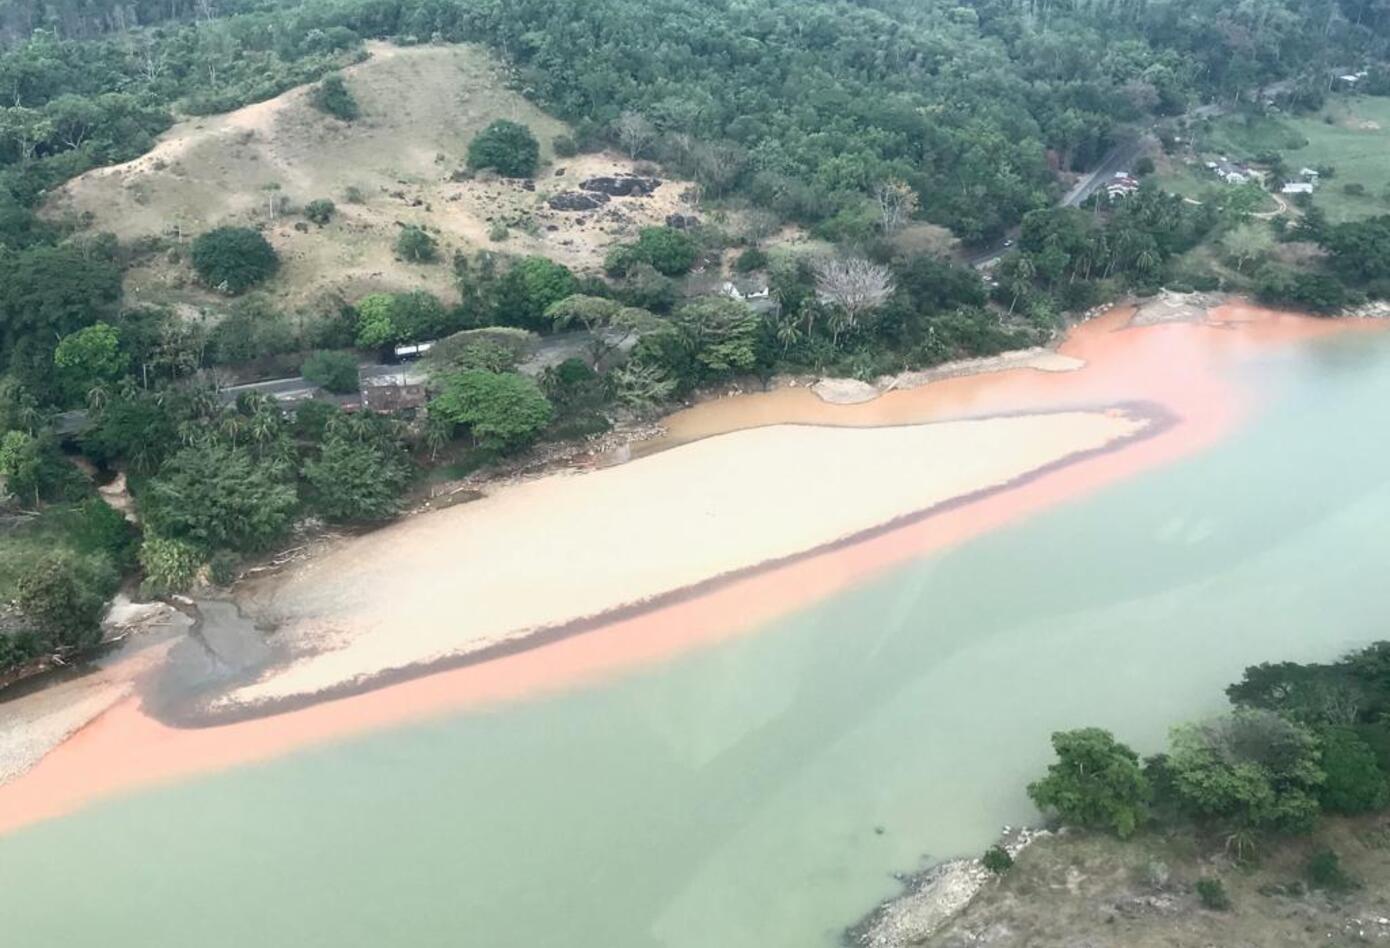 Contraloría evidencia emergencia ambiental en río Cauca